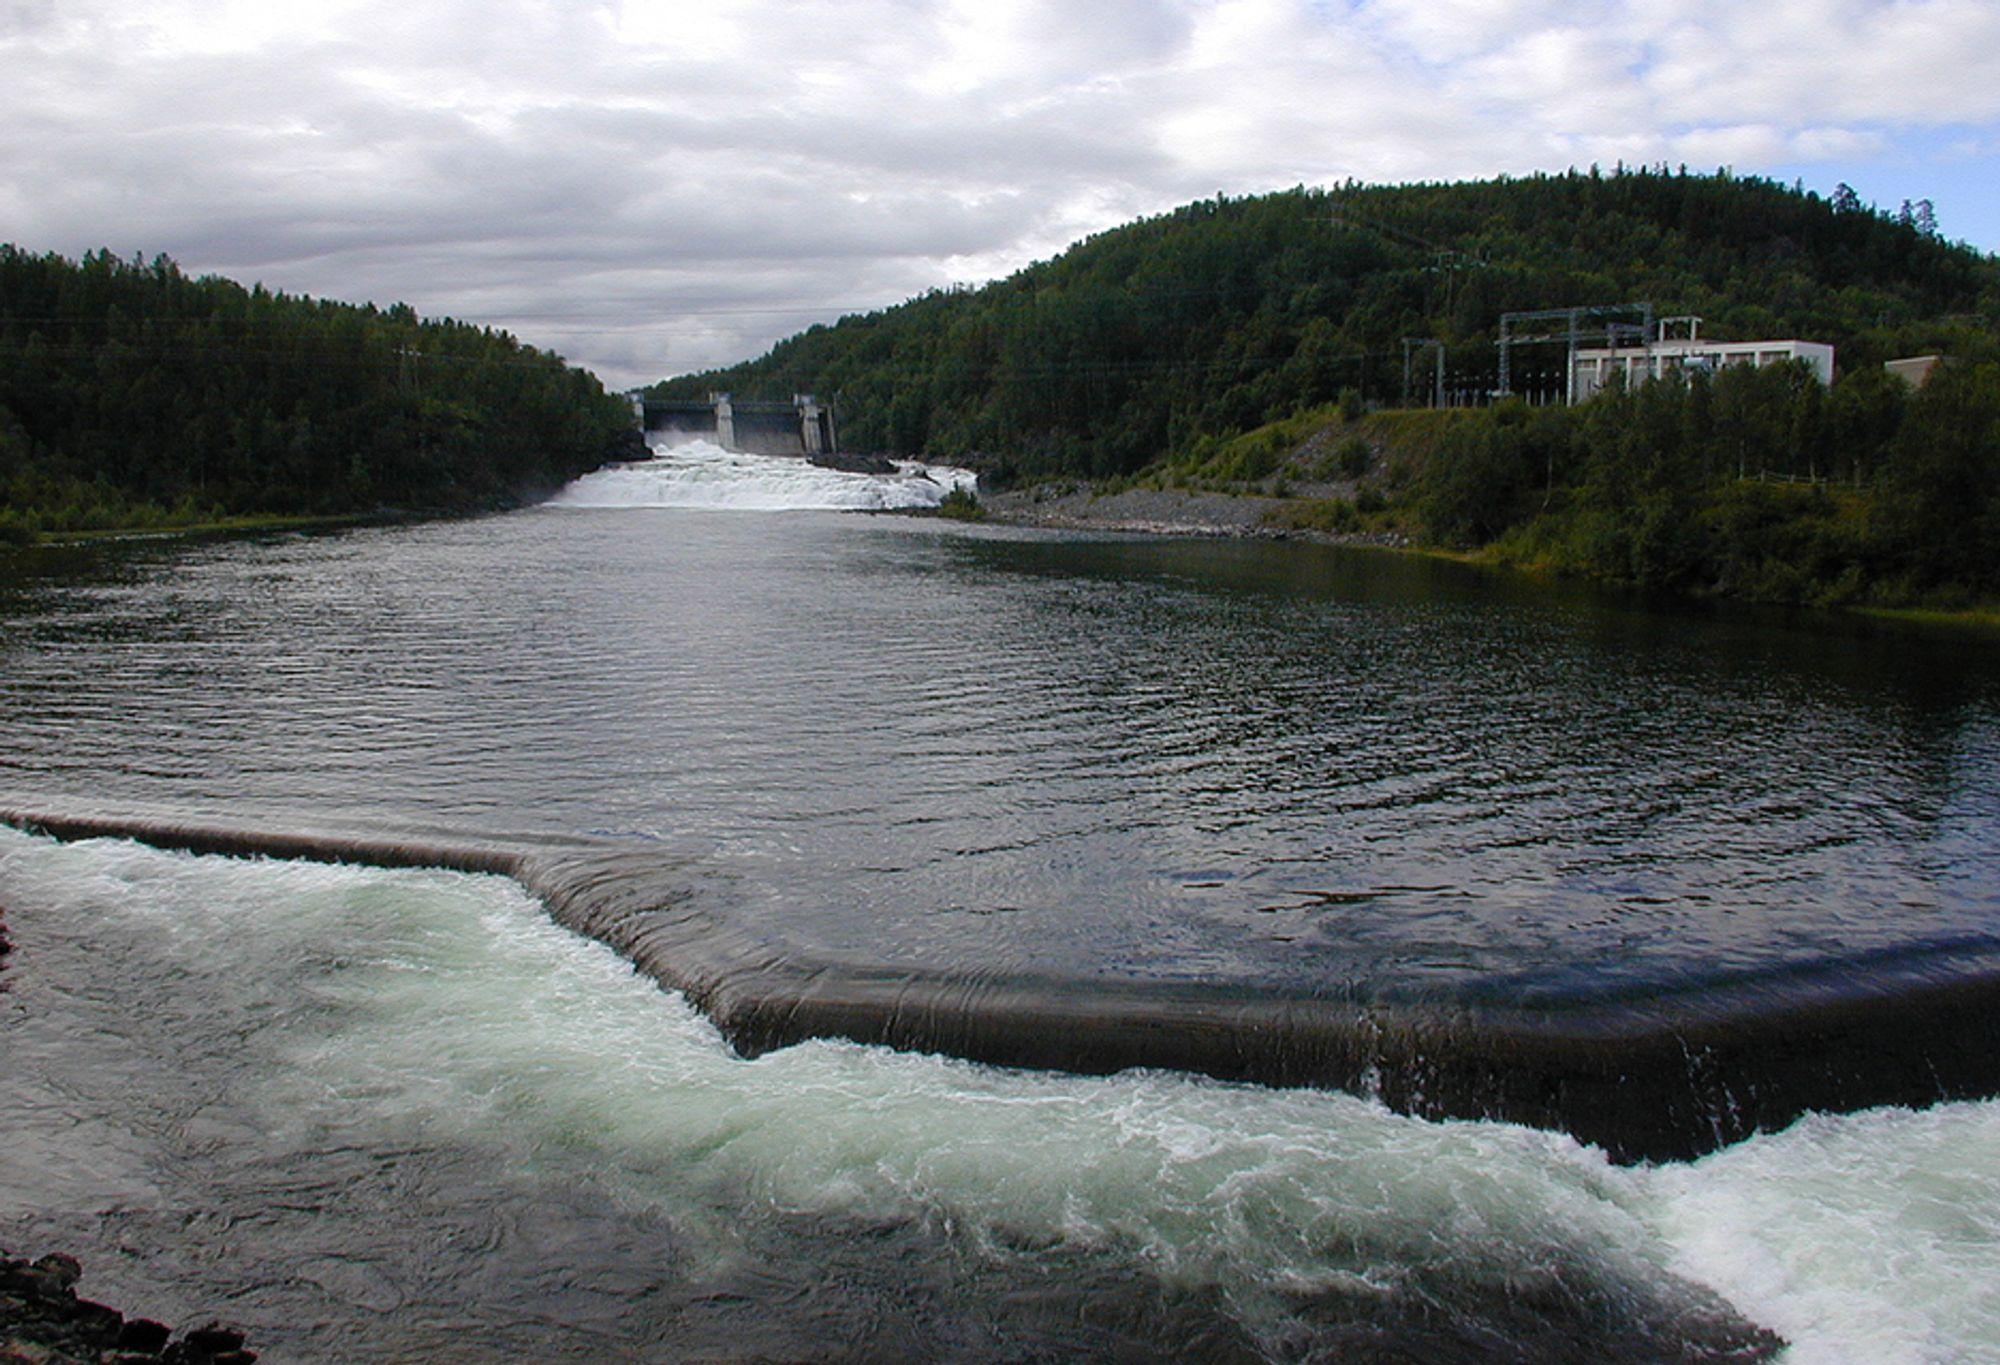 DØMT TIL Å SELGE: Troms Kraft er dømt til å selge Bardufoss kraftverk til Statkraft.